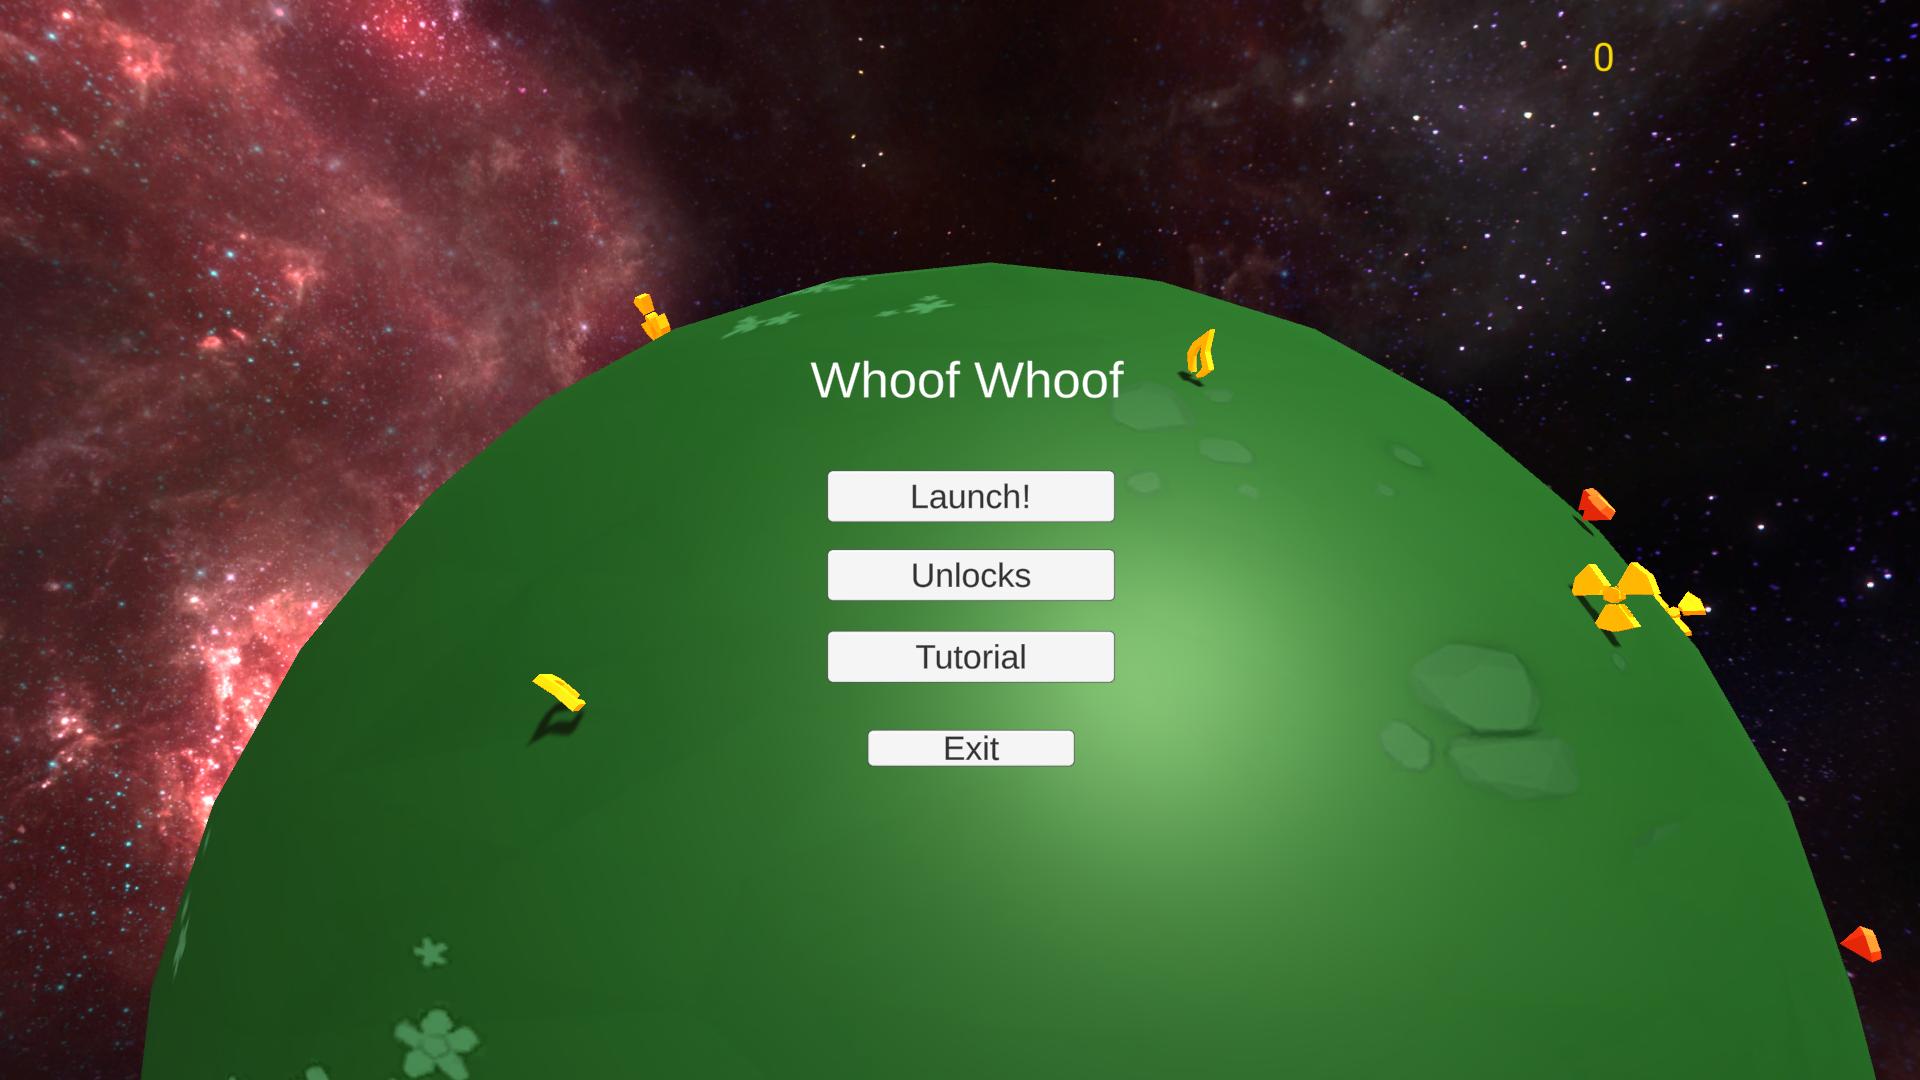 Space Whoof!